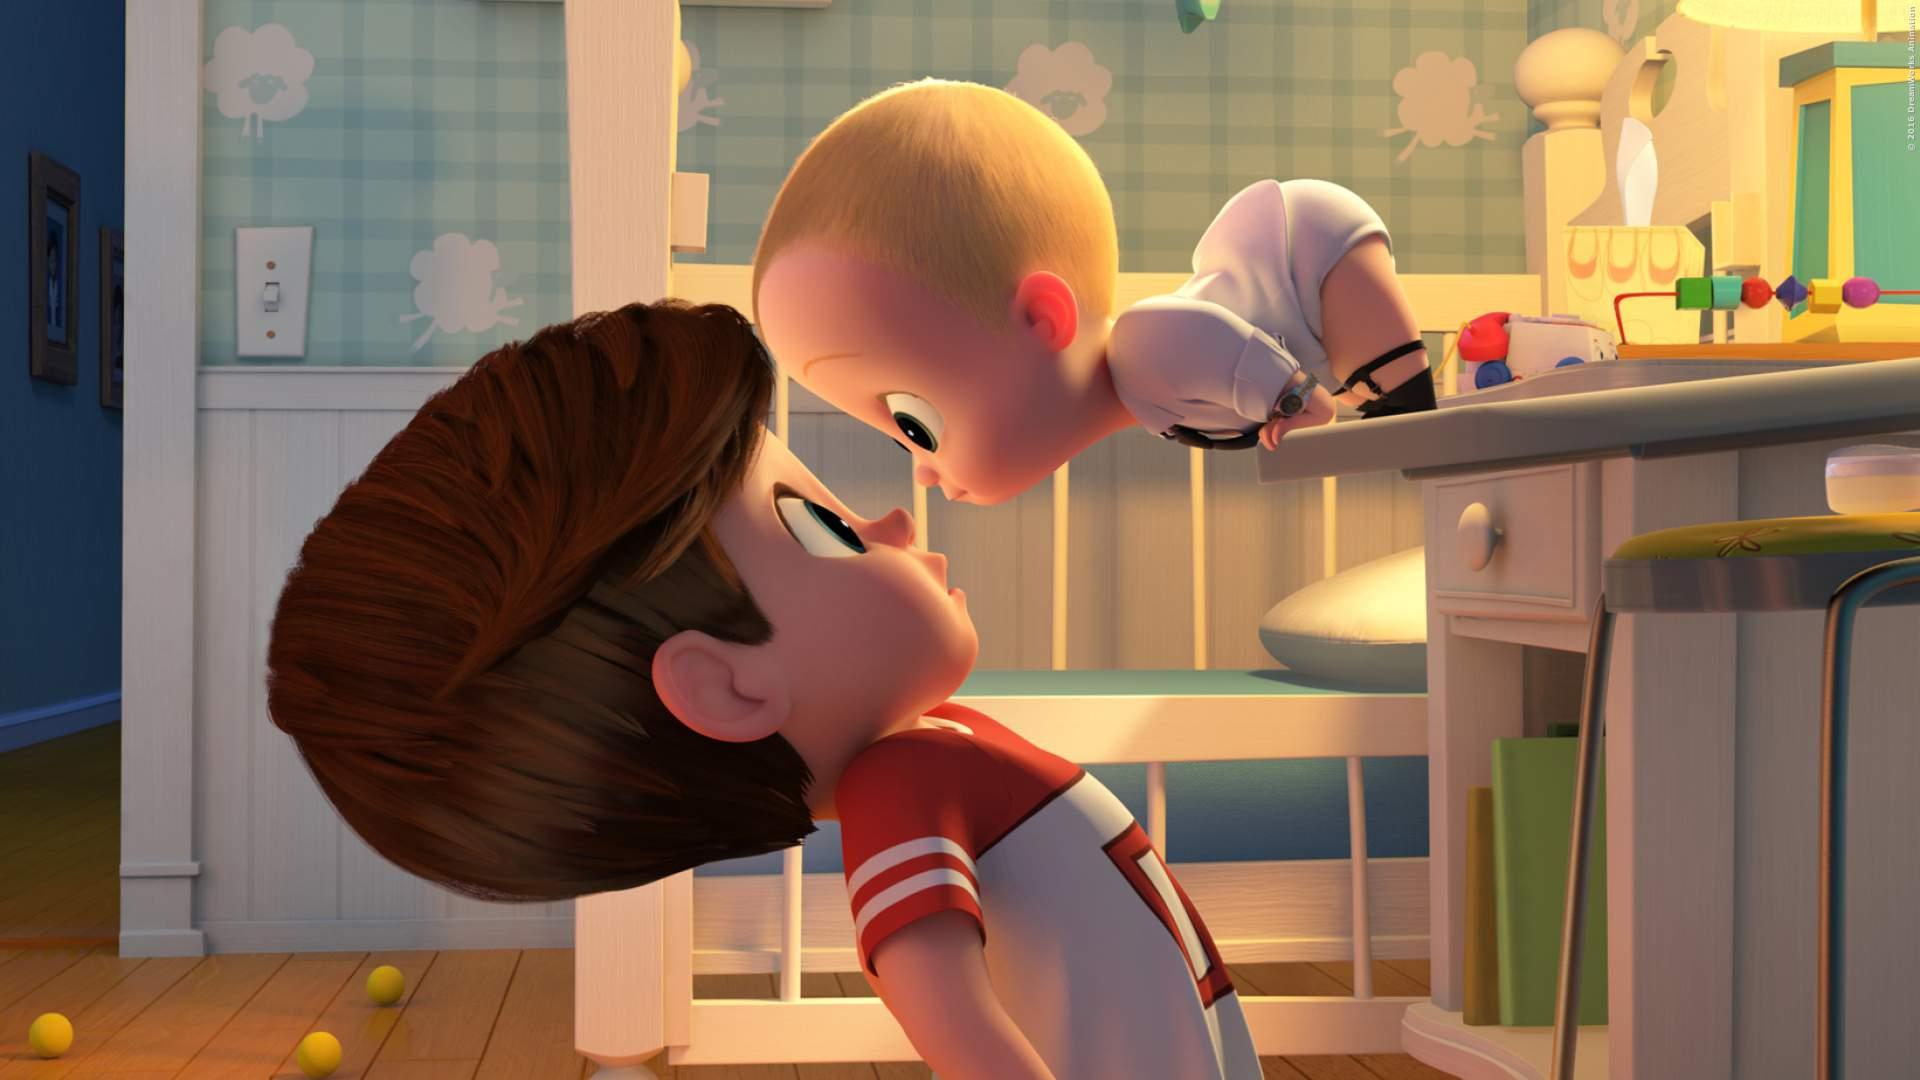 Boss Baby Trailer - Bild 1 von 4